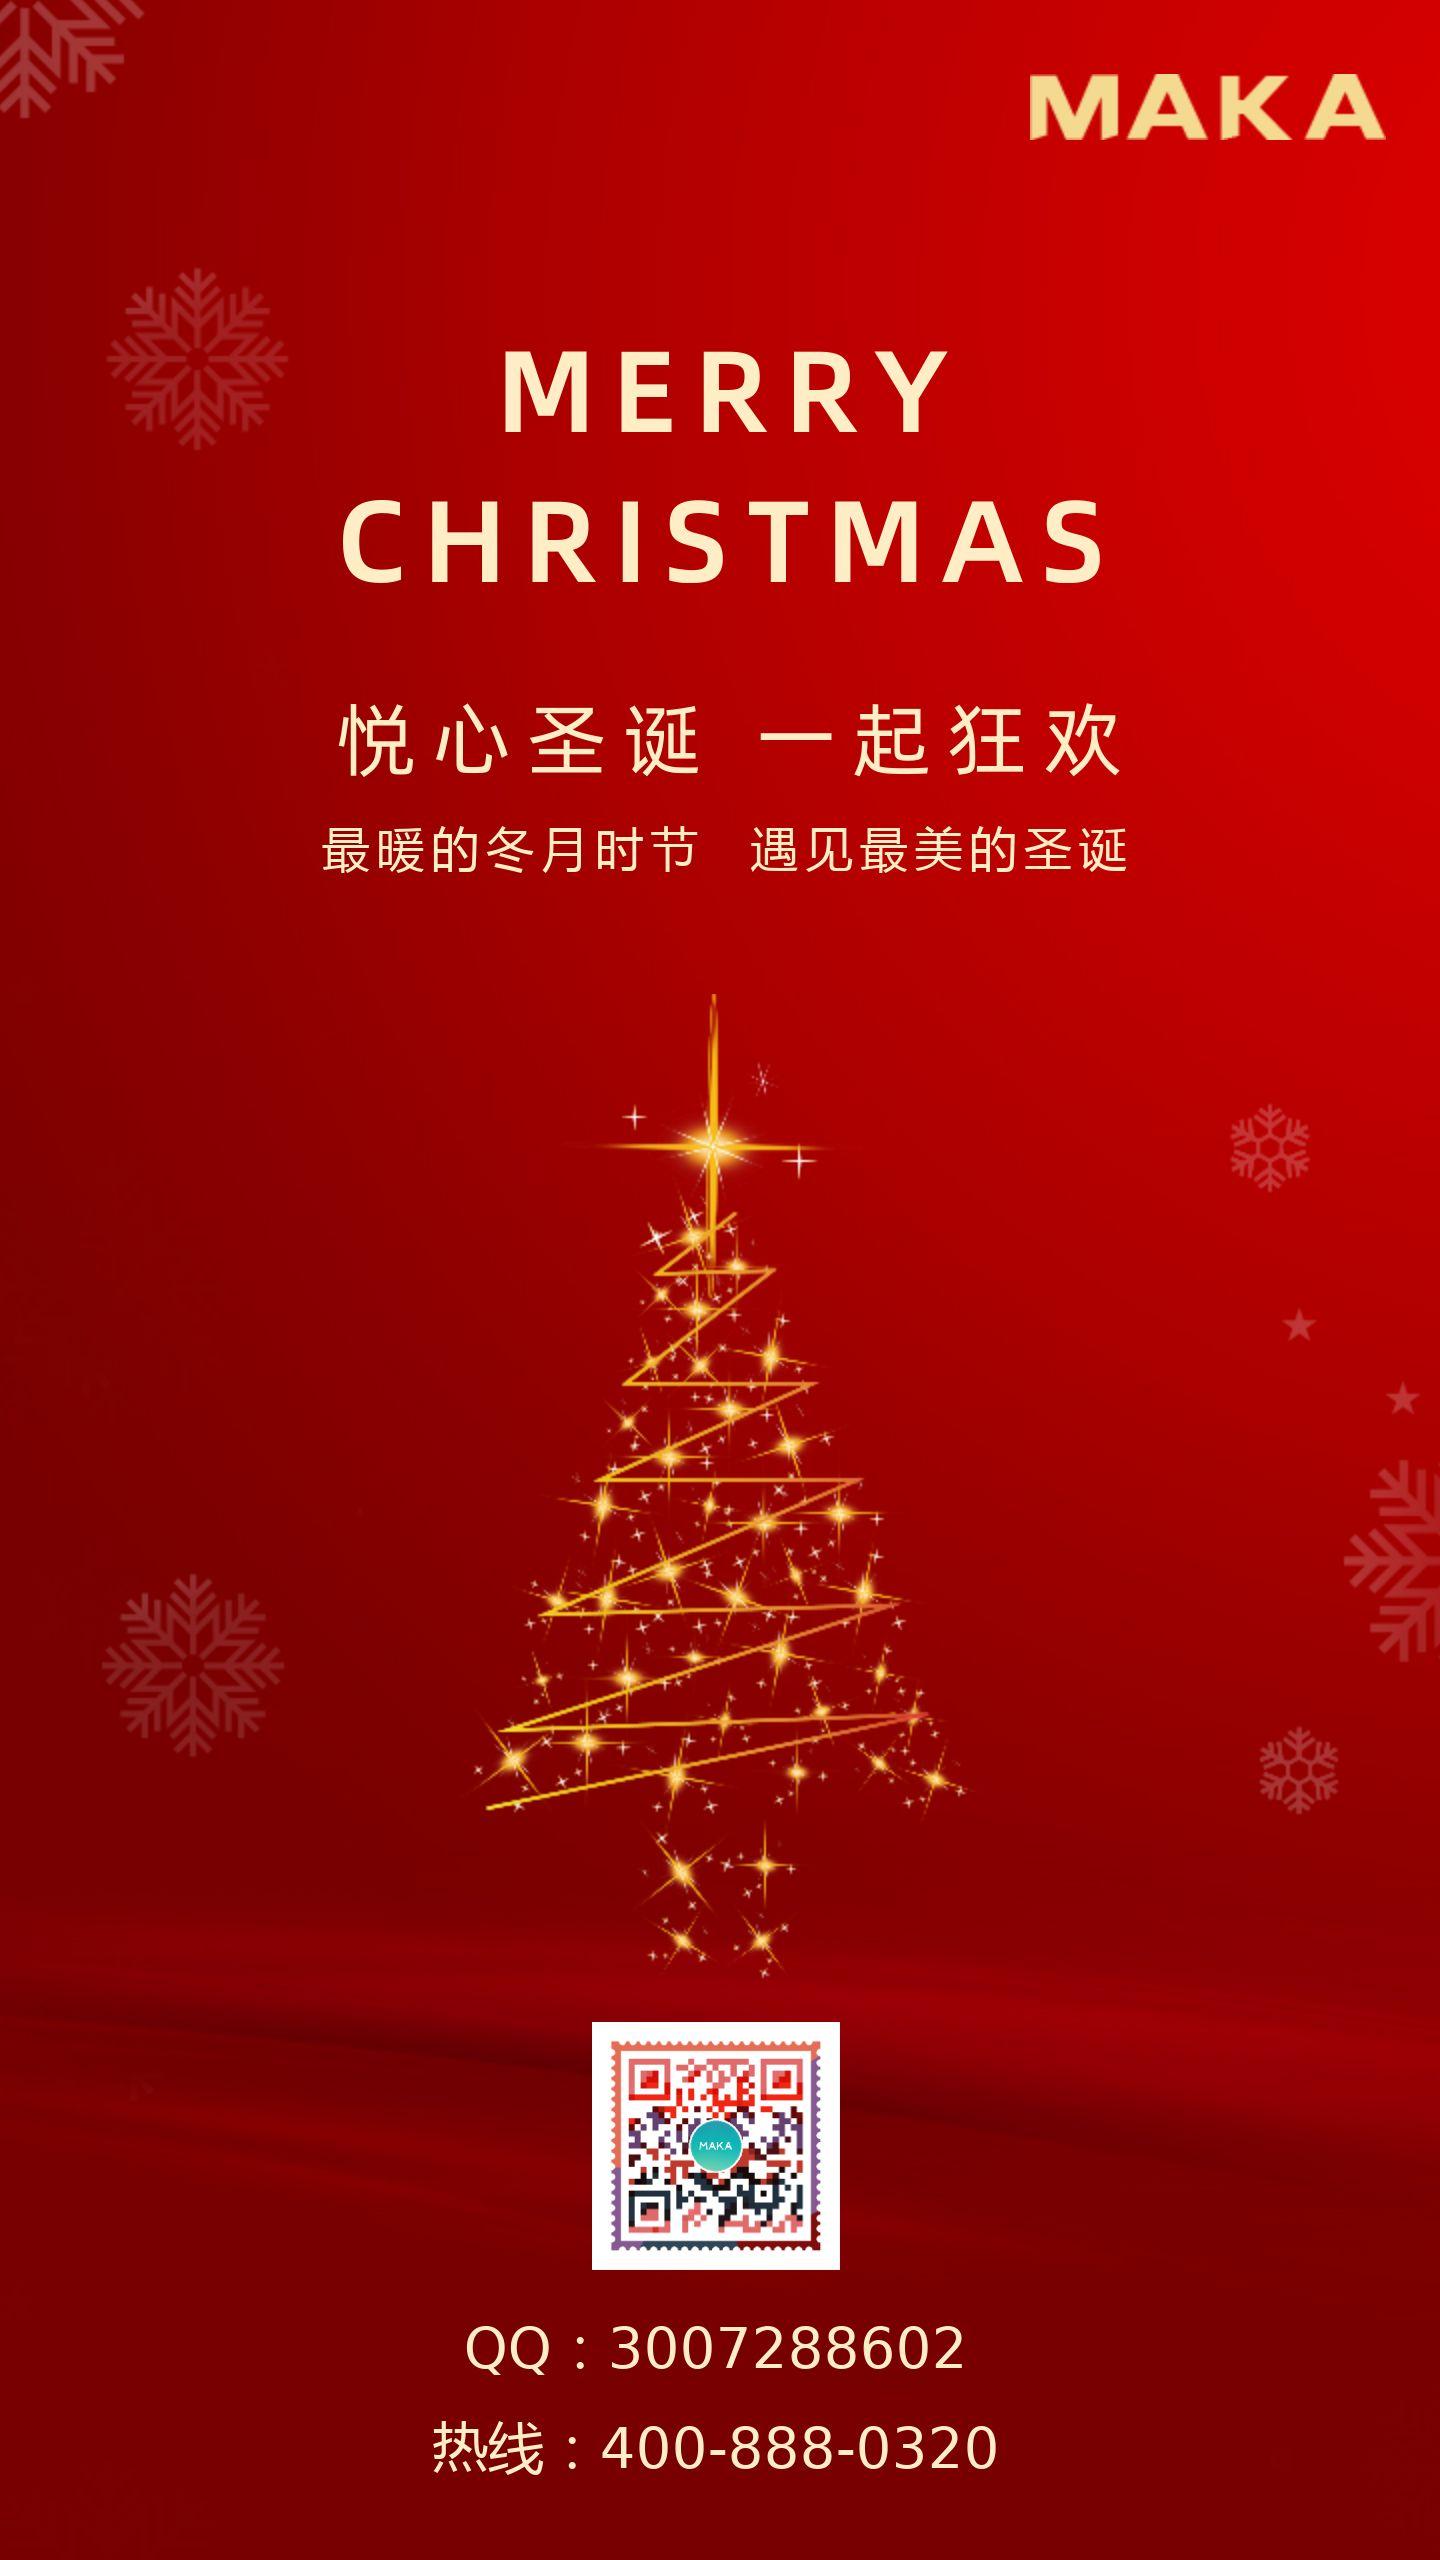 红色简约圣诞节快乐宣传海报